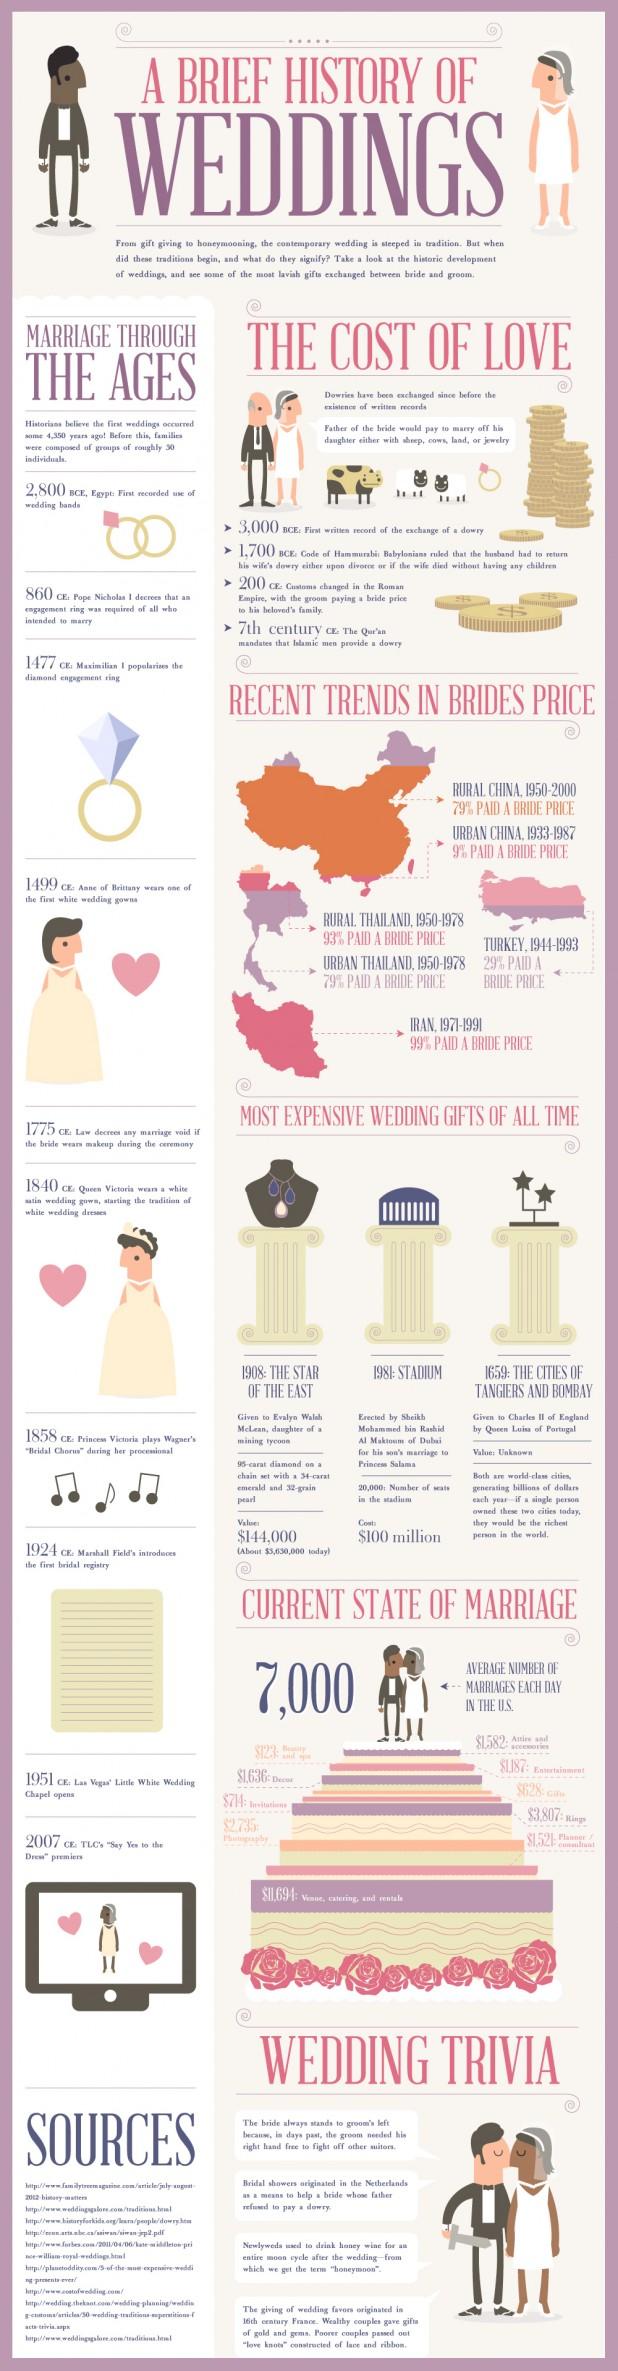 a-brief-history-of-weddings_50be7ff4466de_w618